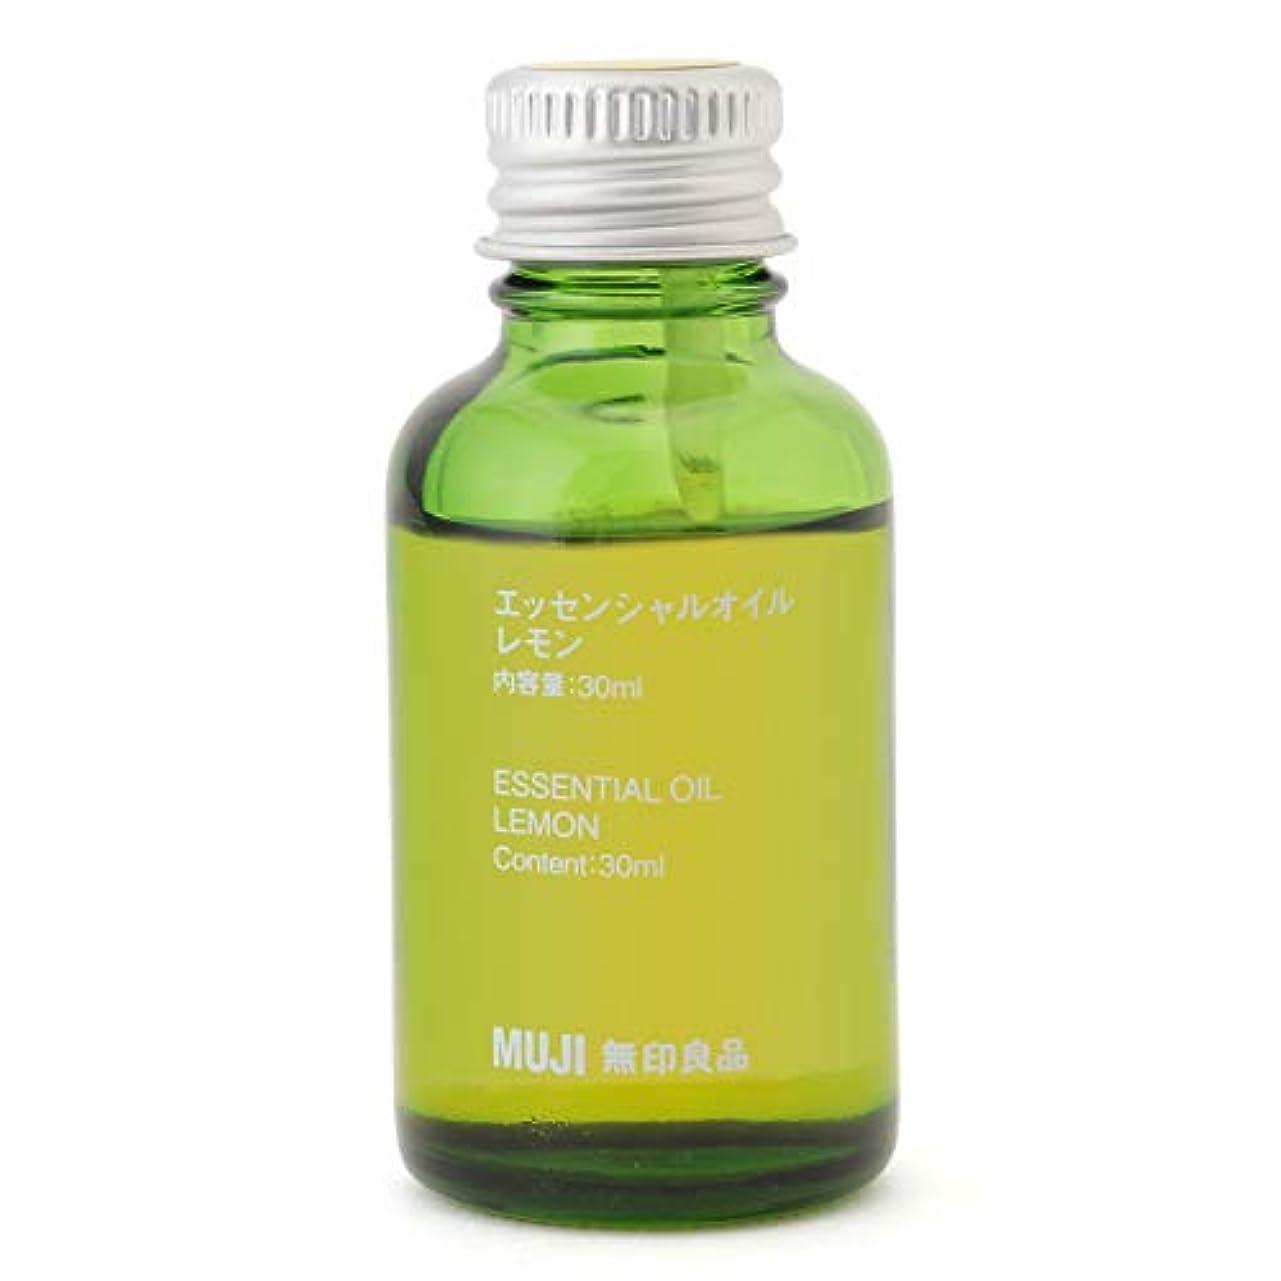 野心的四回肥満【無印良品】エッセンシャルオイル30ml(レモン)